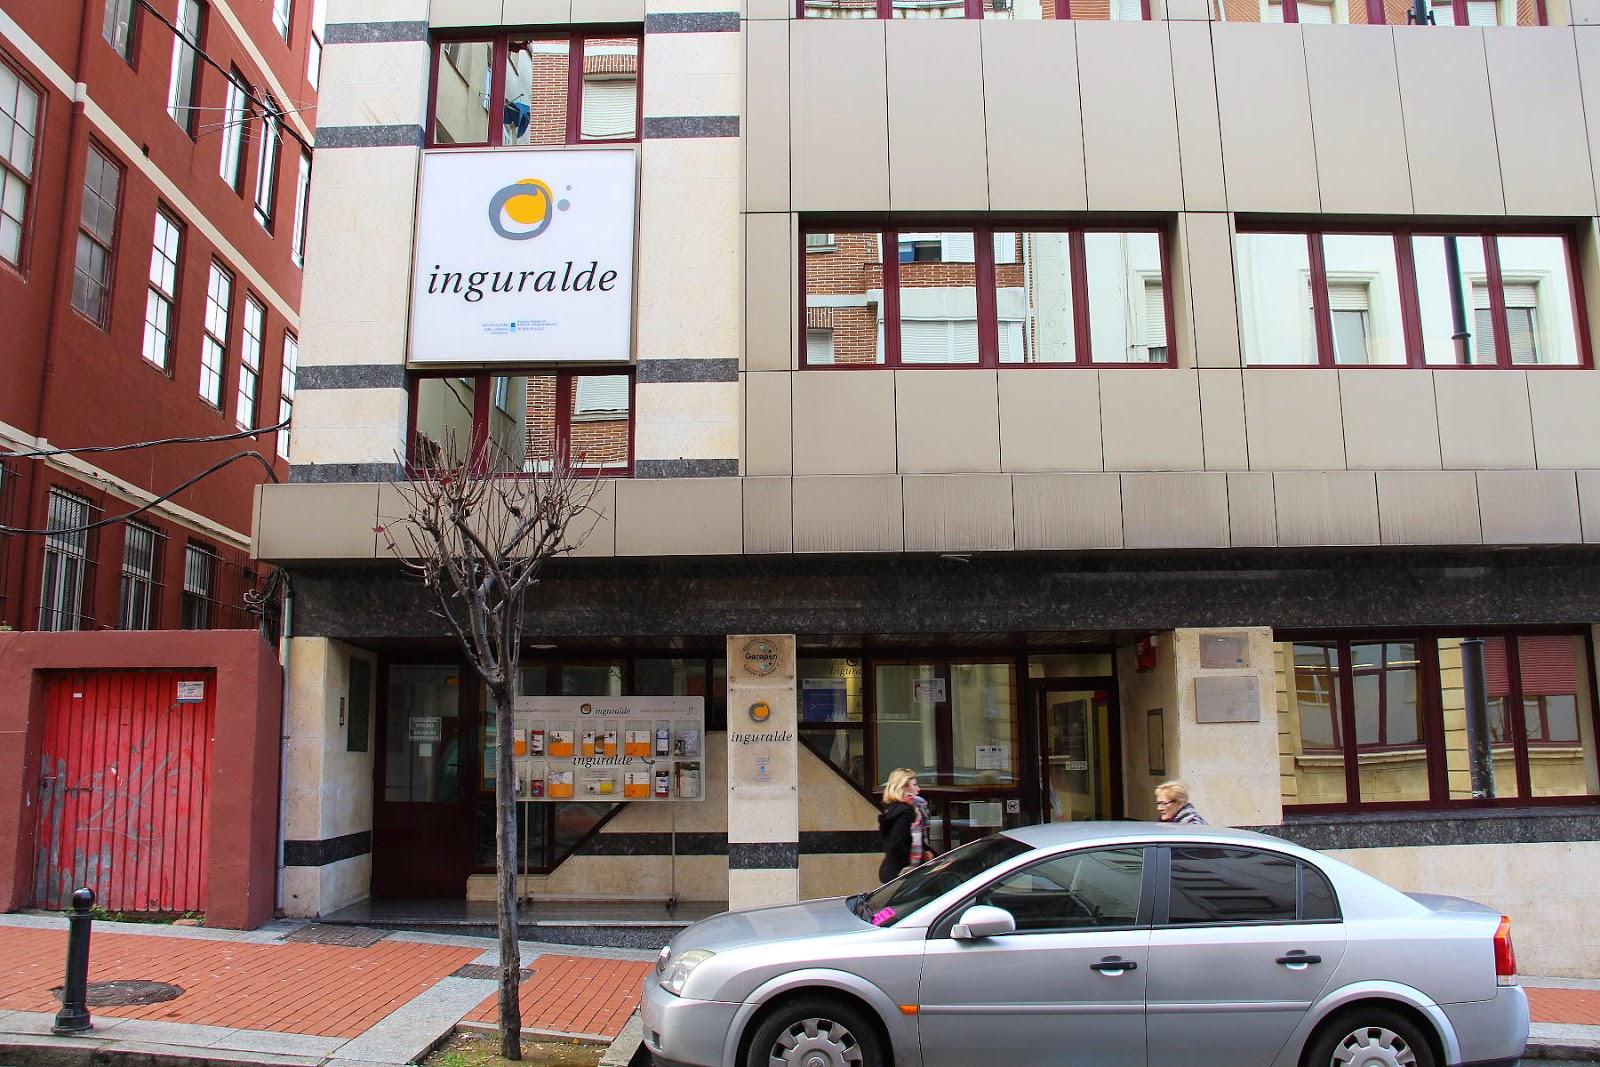 Sede central de Inguralde, en la calle Aldapa